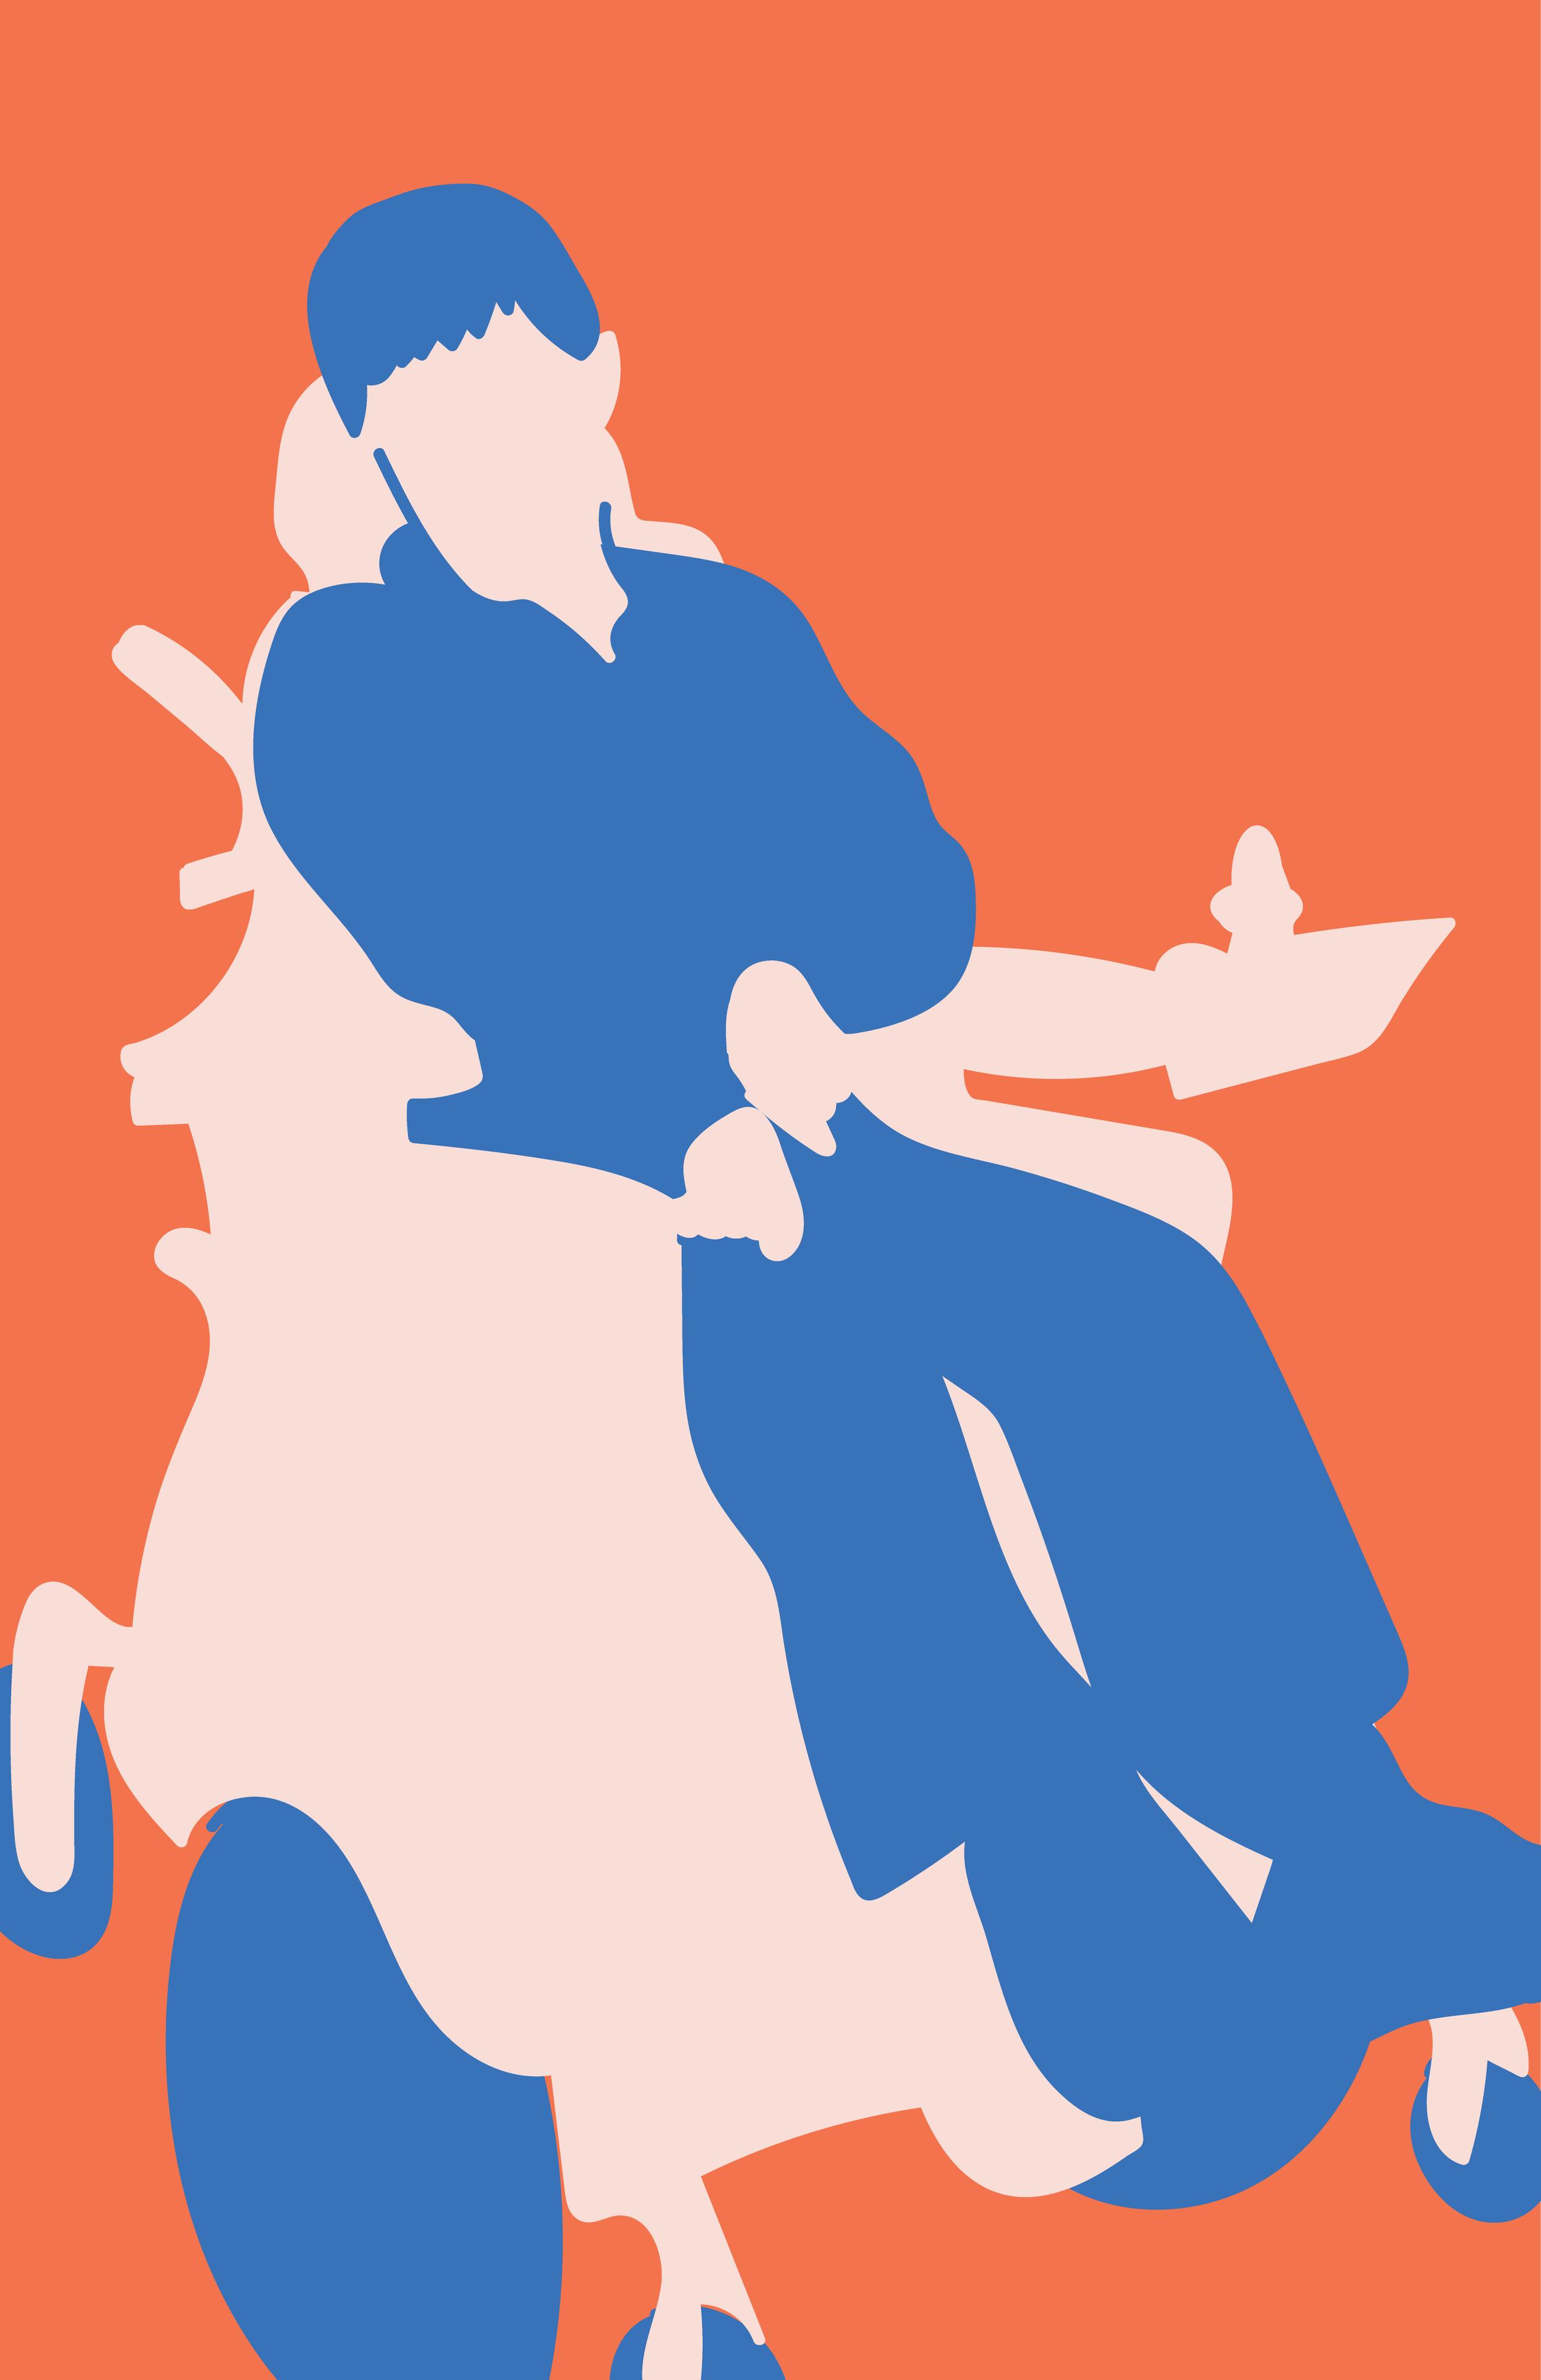 illustrations-eva-mar5-02.png